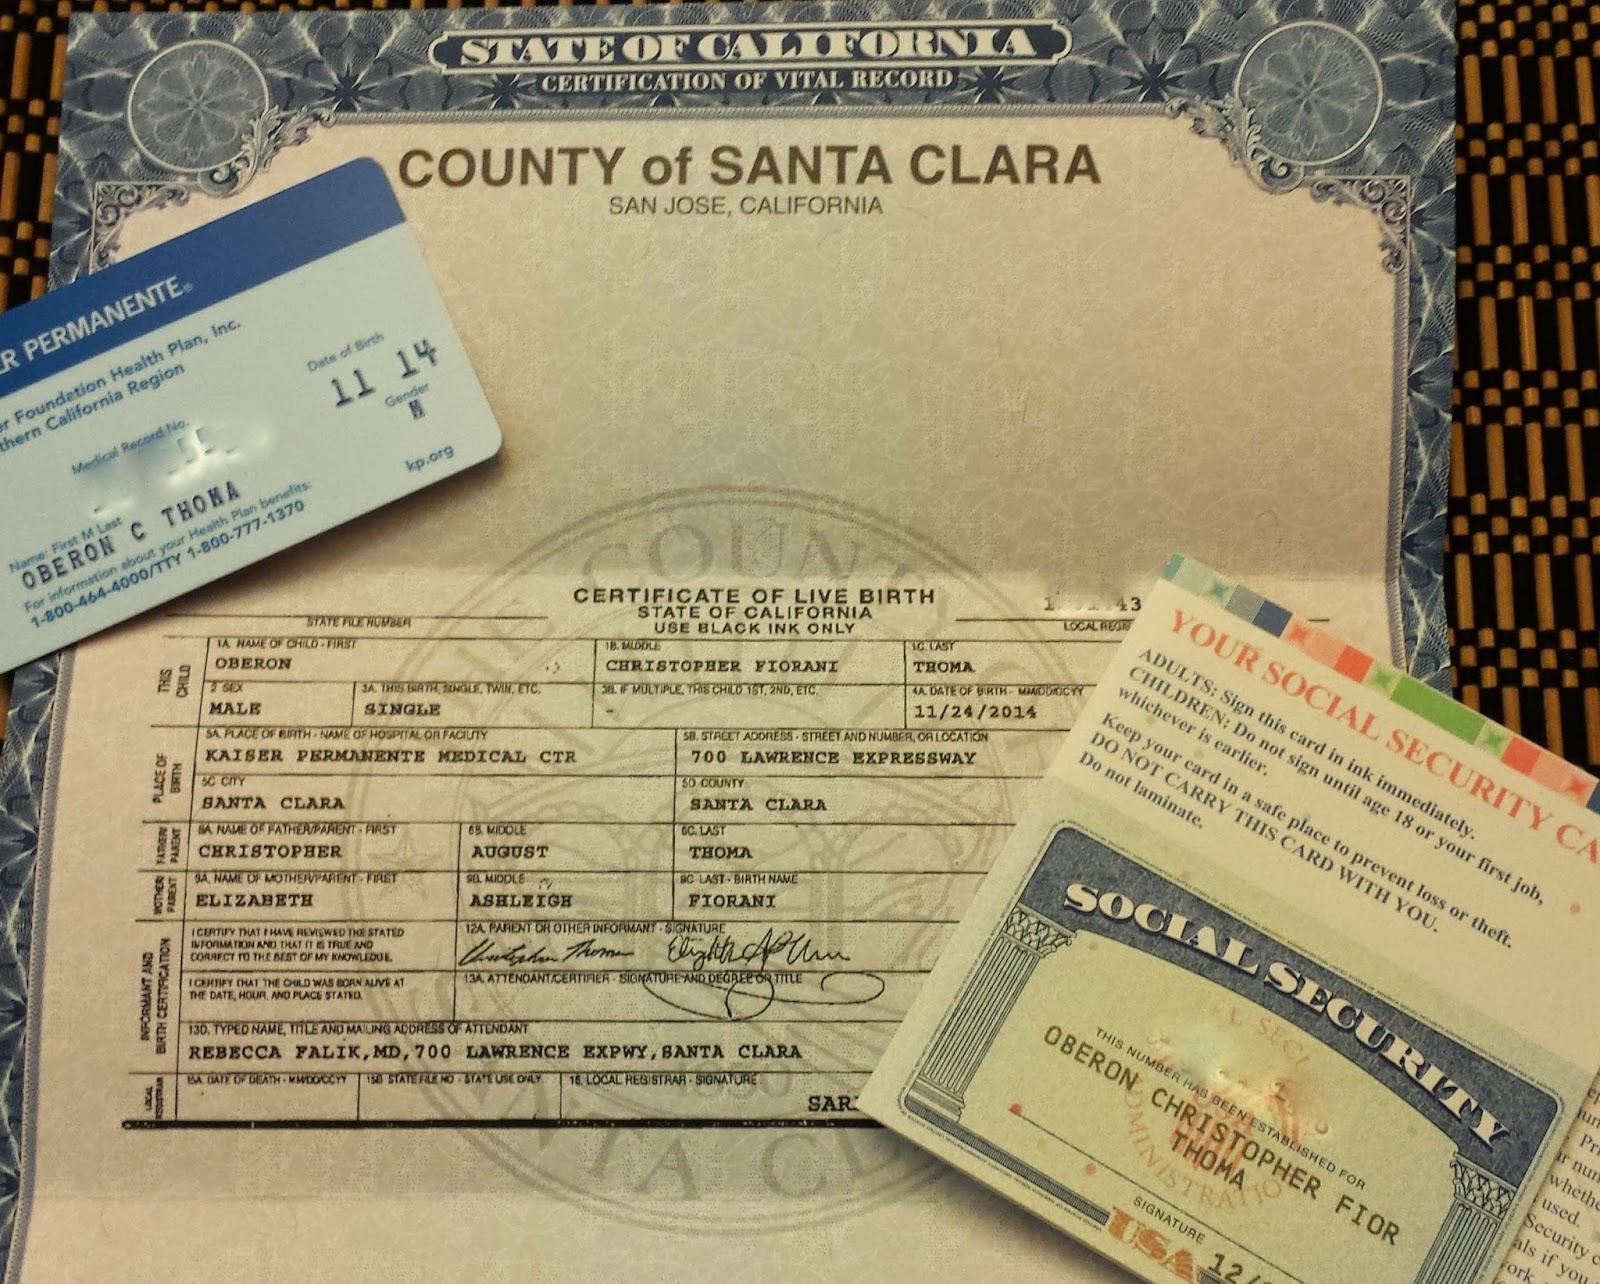 Santa clara county records request